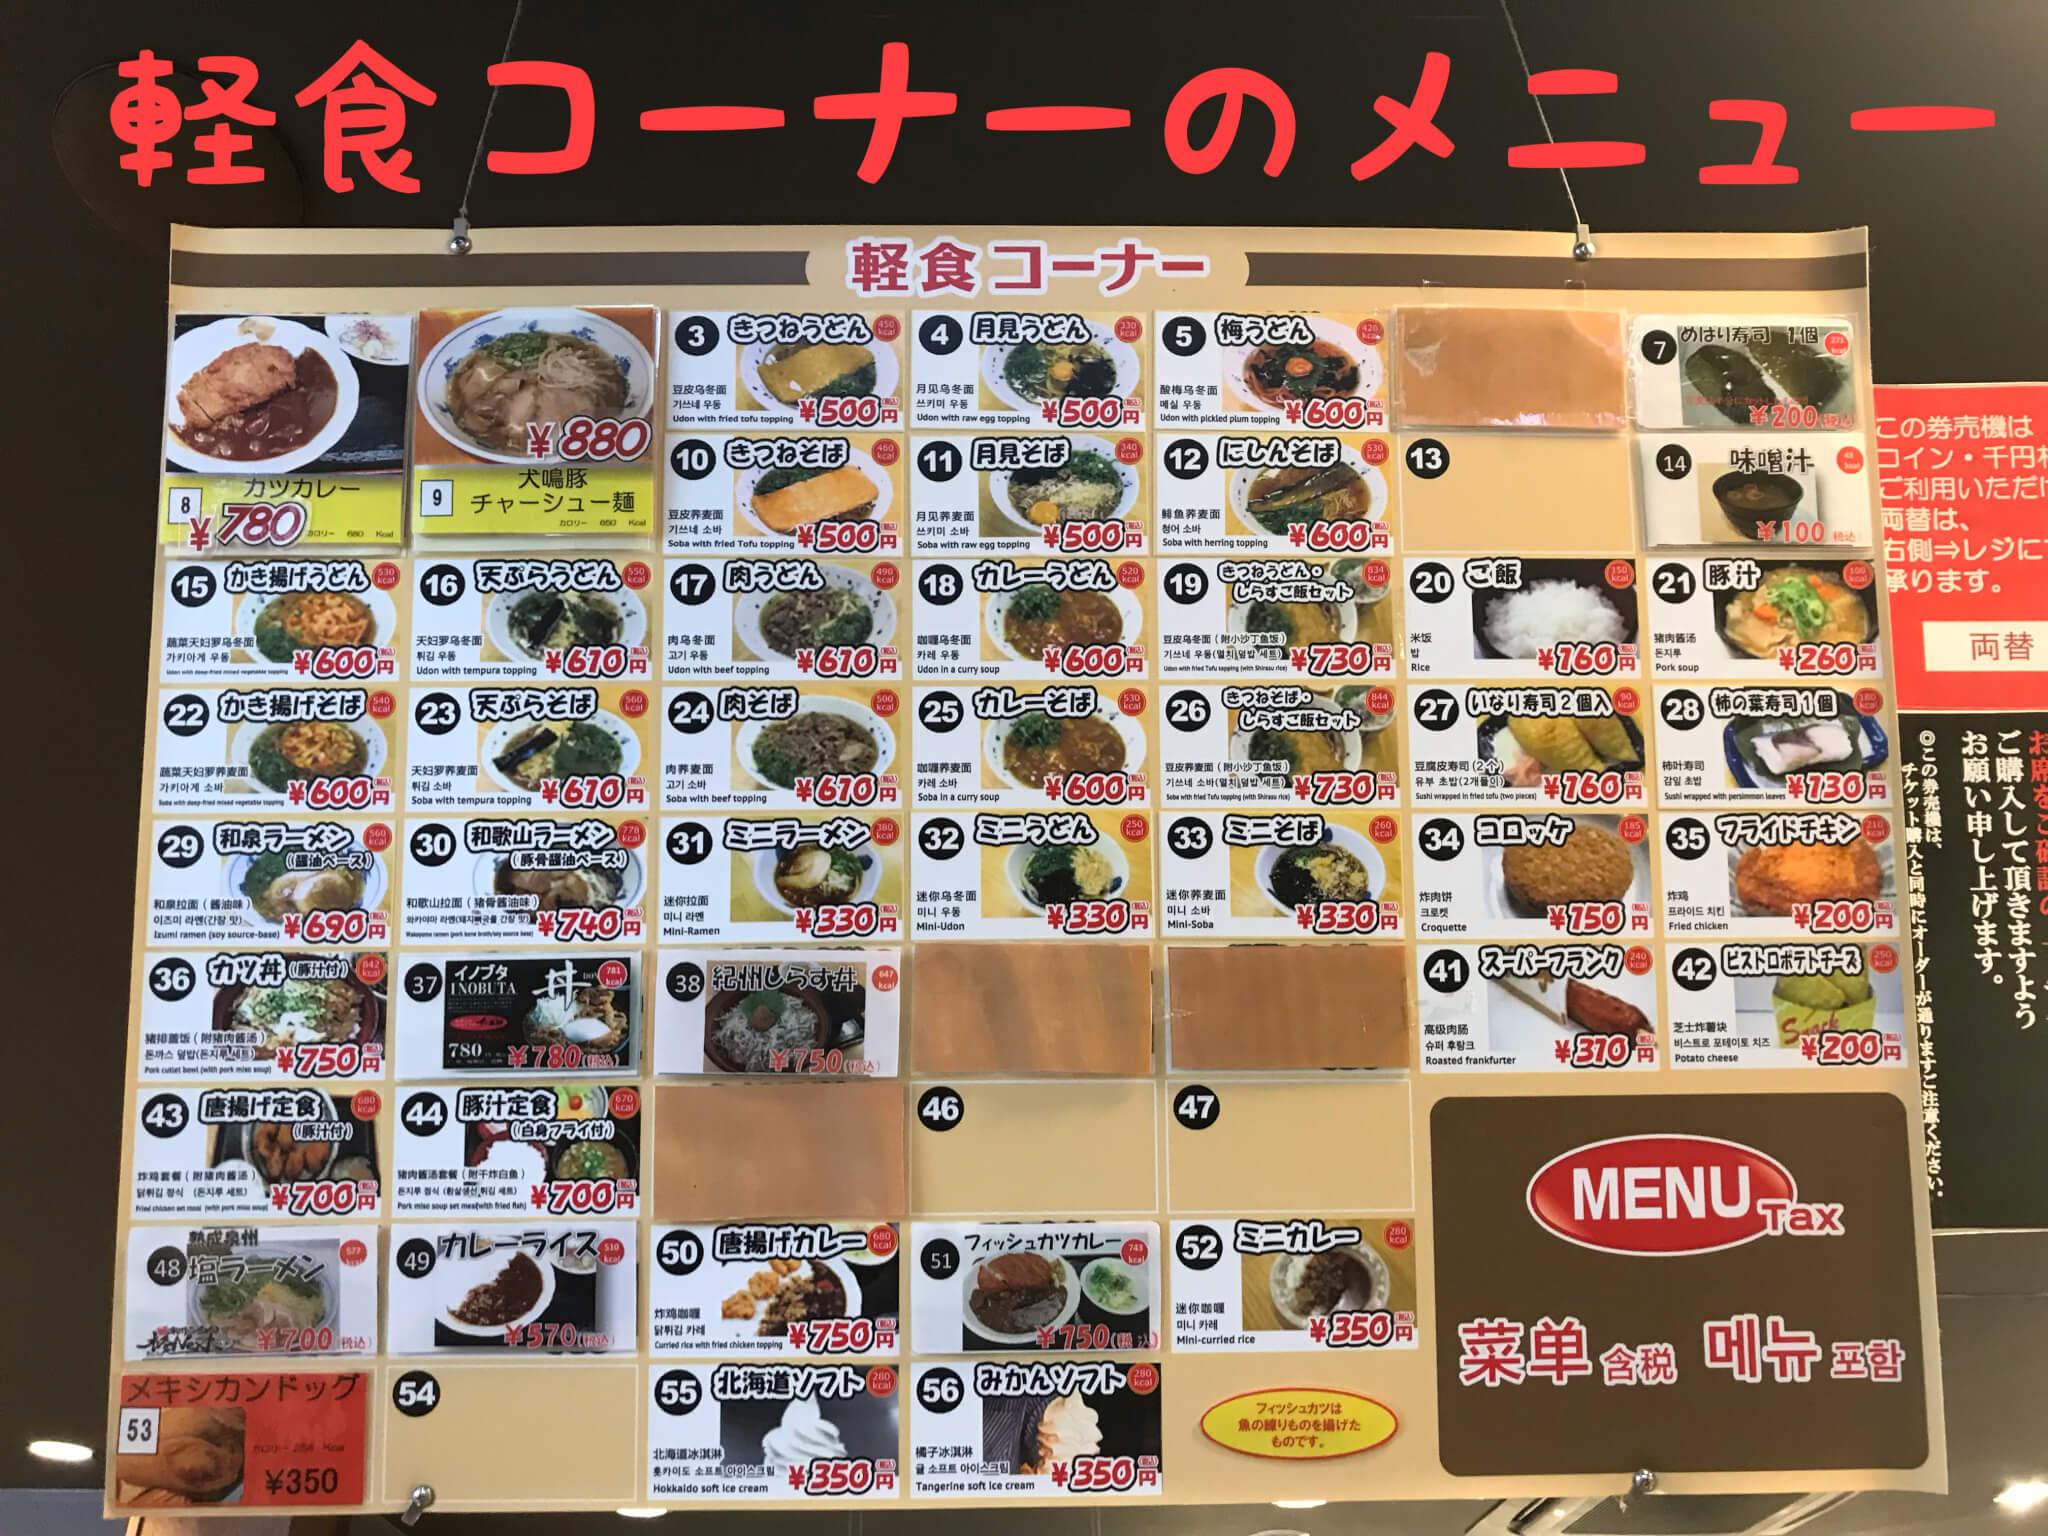 岸和田サービスエリア 軽食コーナーのメニュー